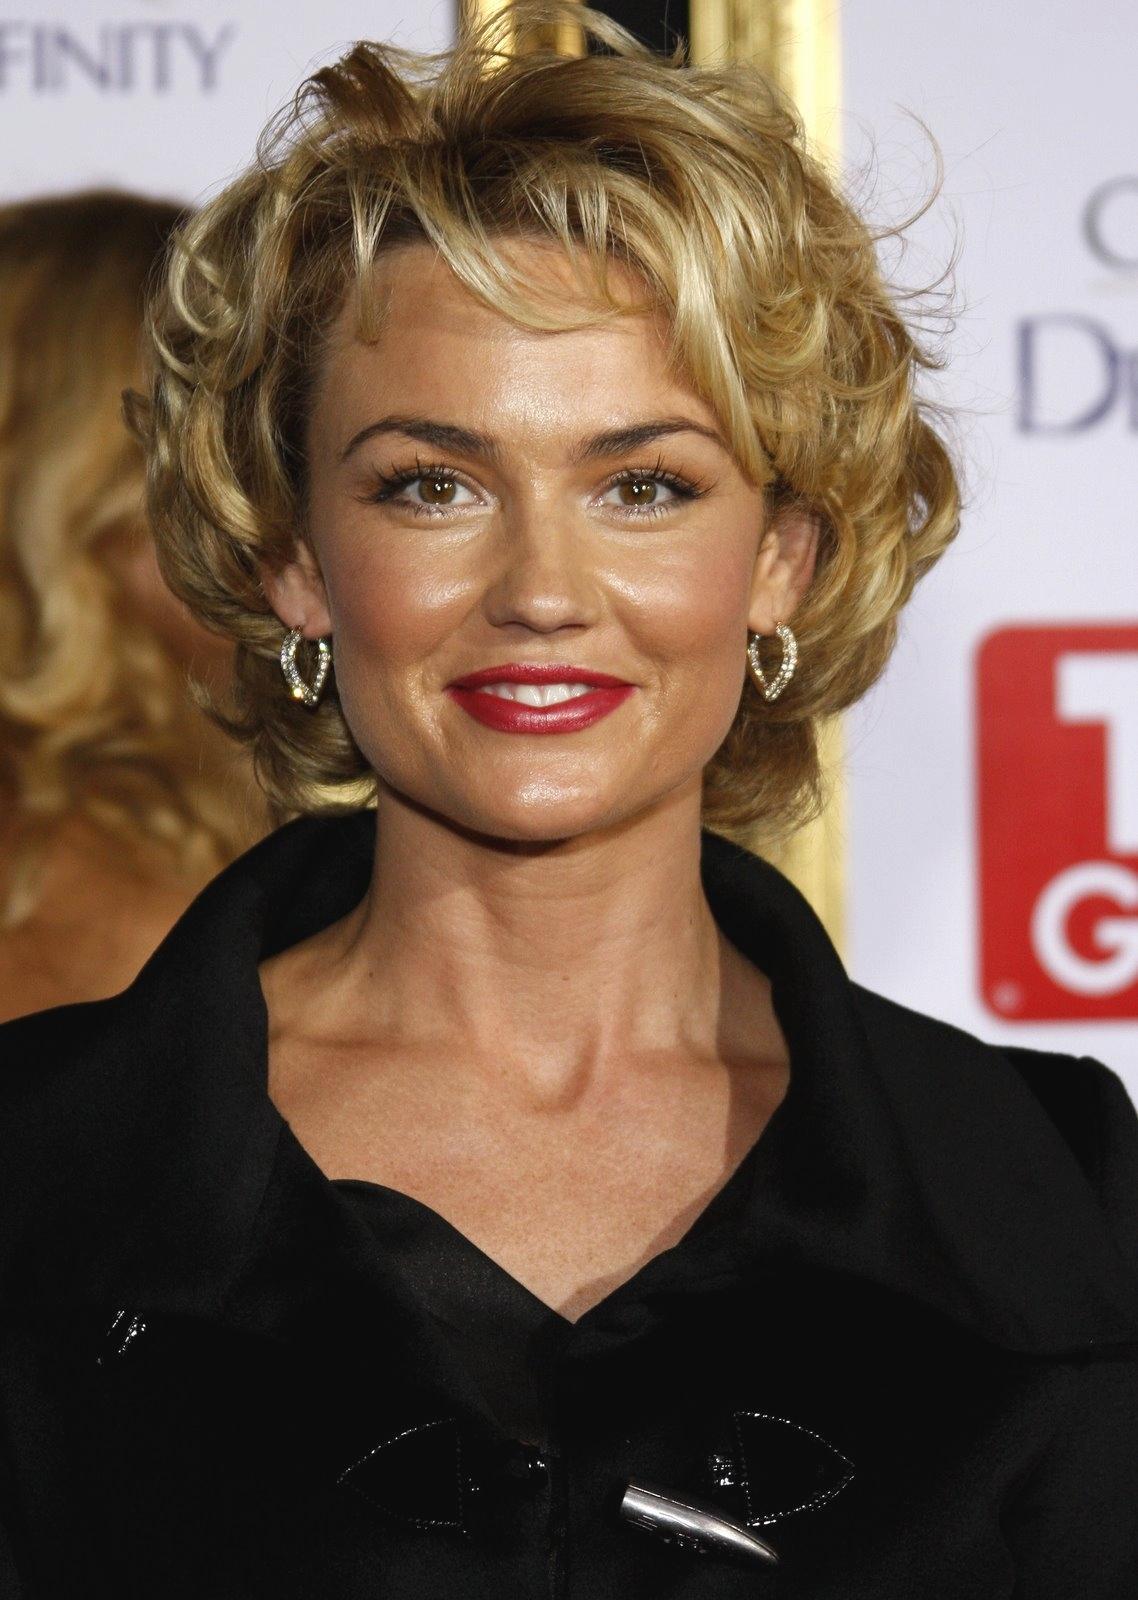 30 wellige Frisuren für Frauen über 50 - Look Young And Beautiful